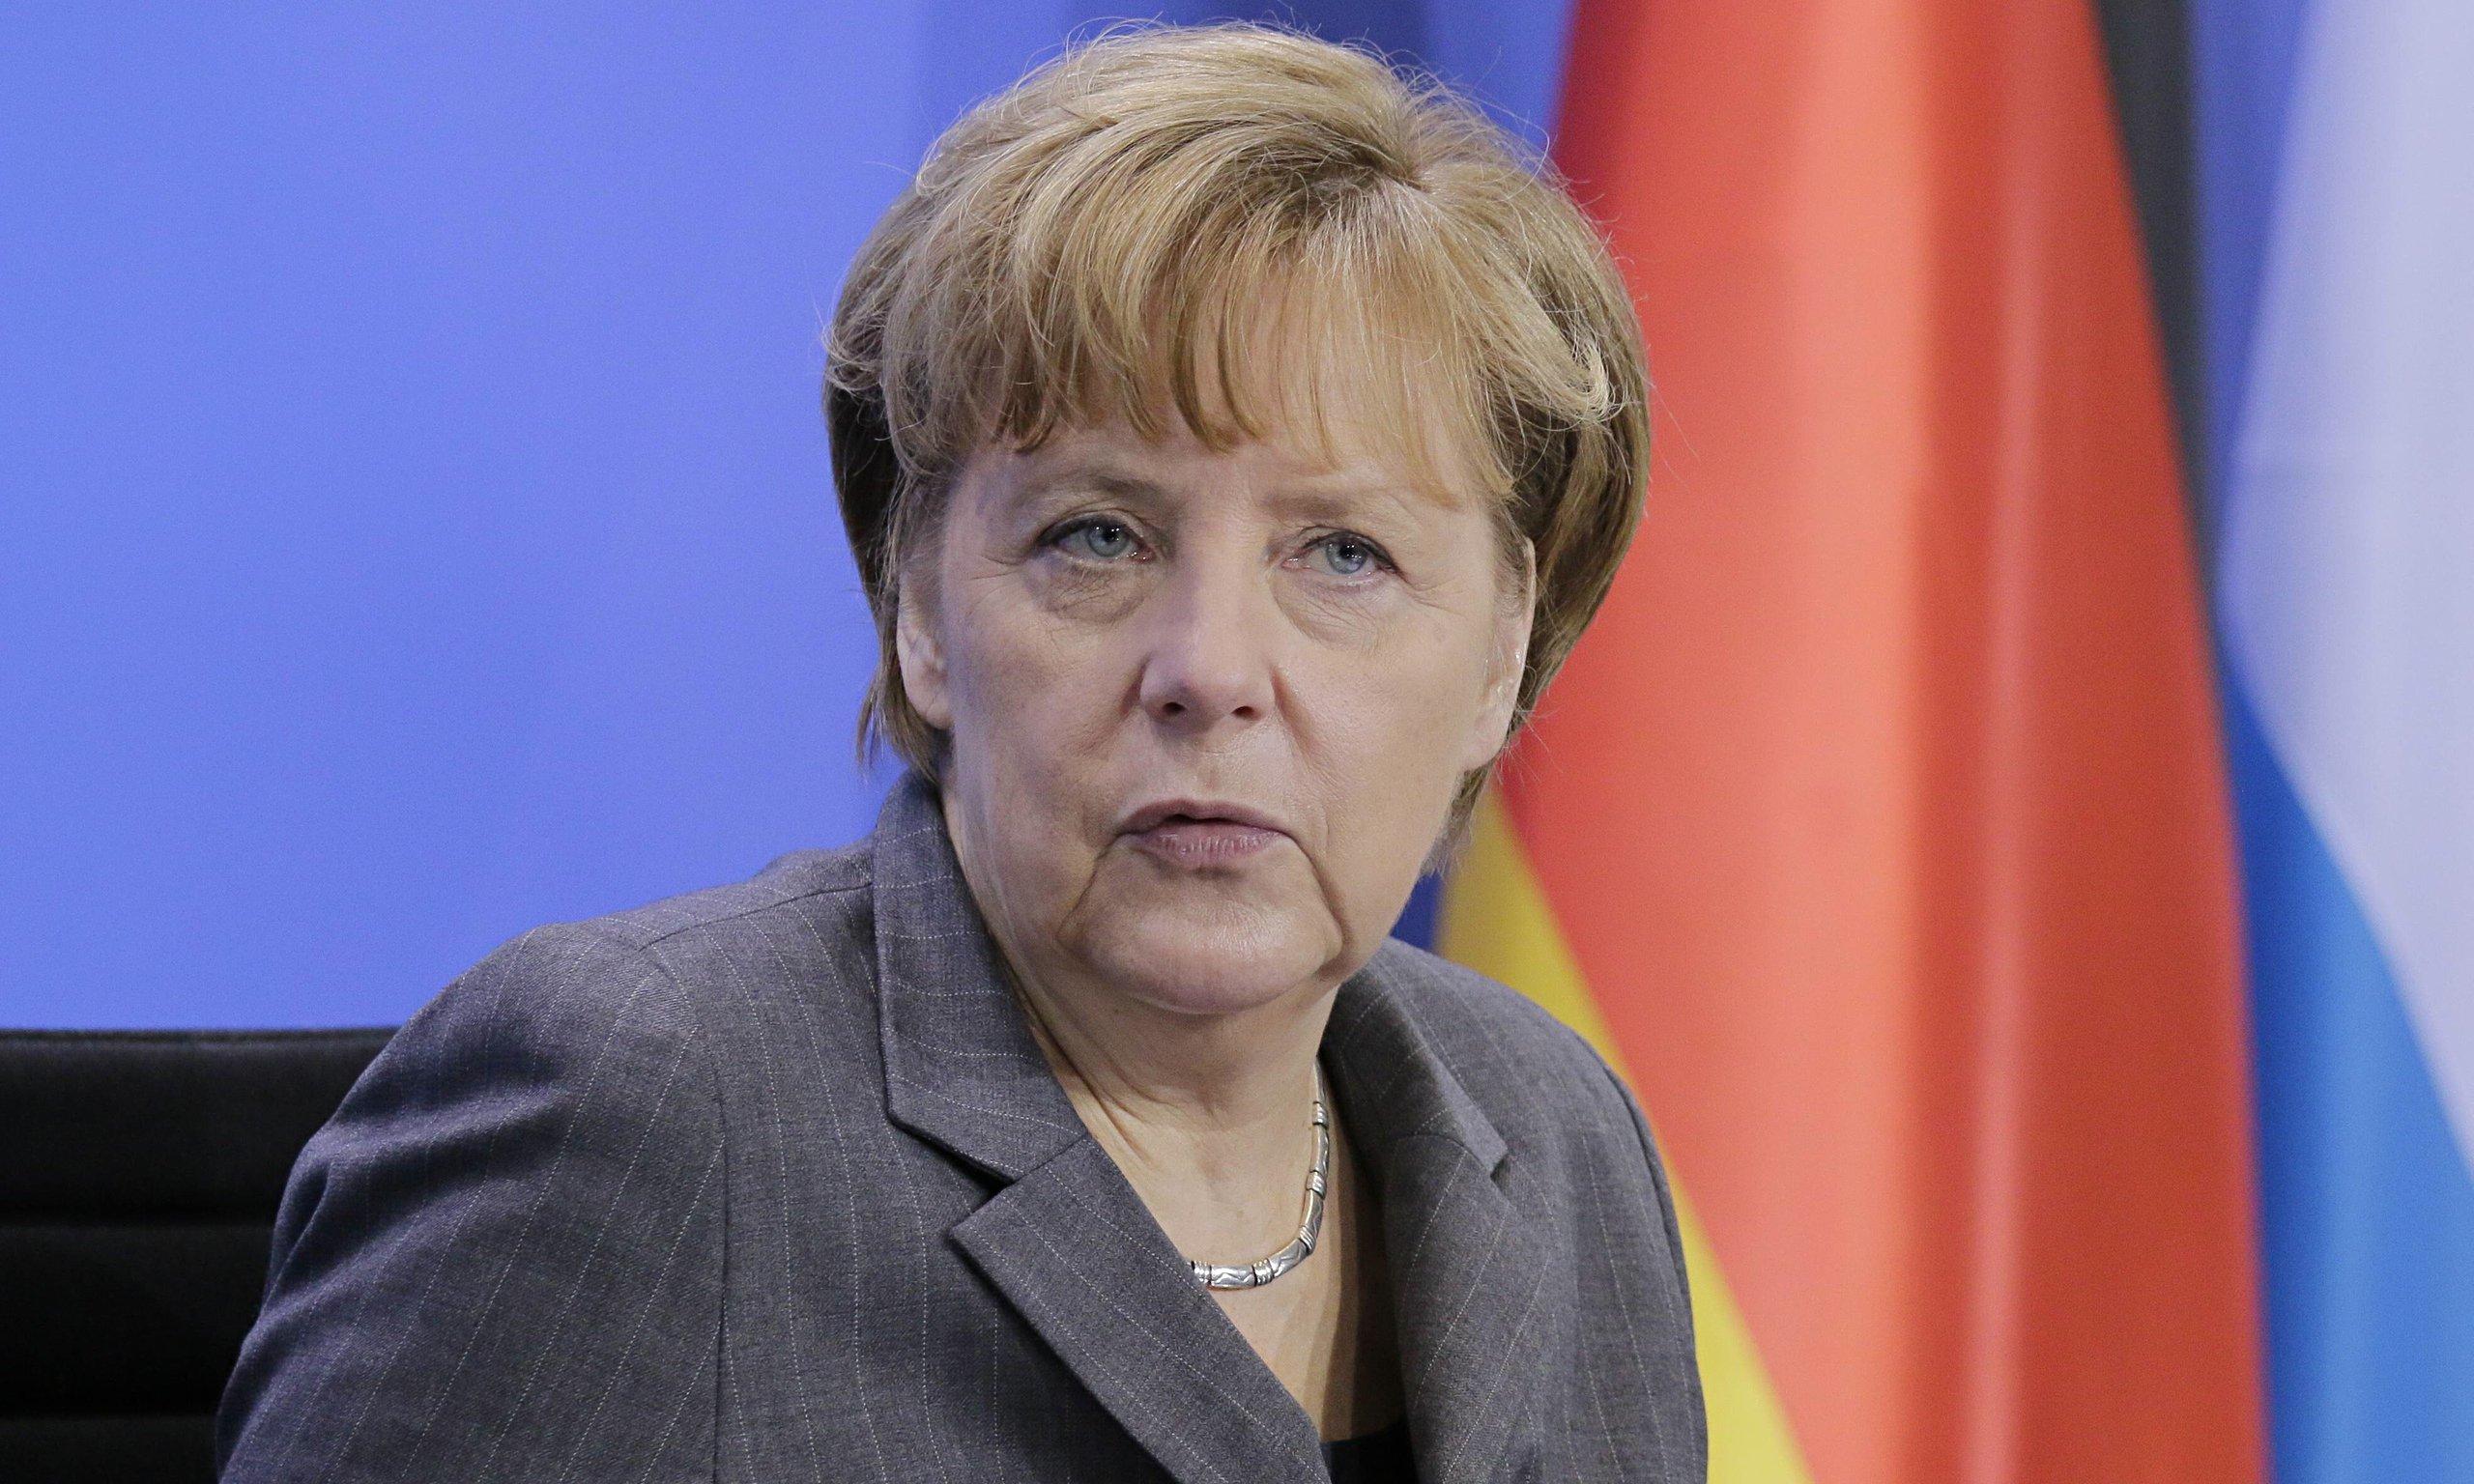 ميركل تعارض وزير داخليتها الجديد : الإسلام جزء من ألمانيا